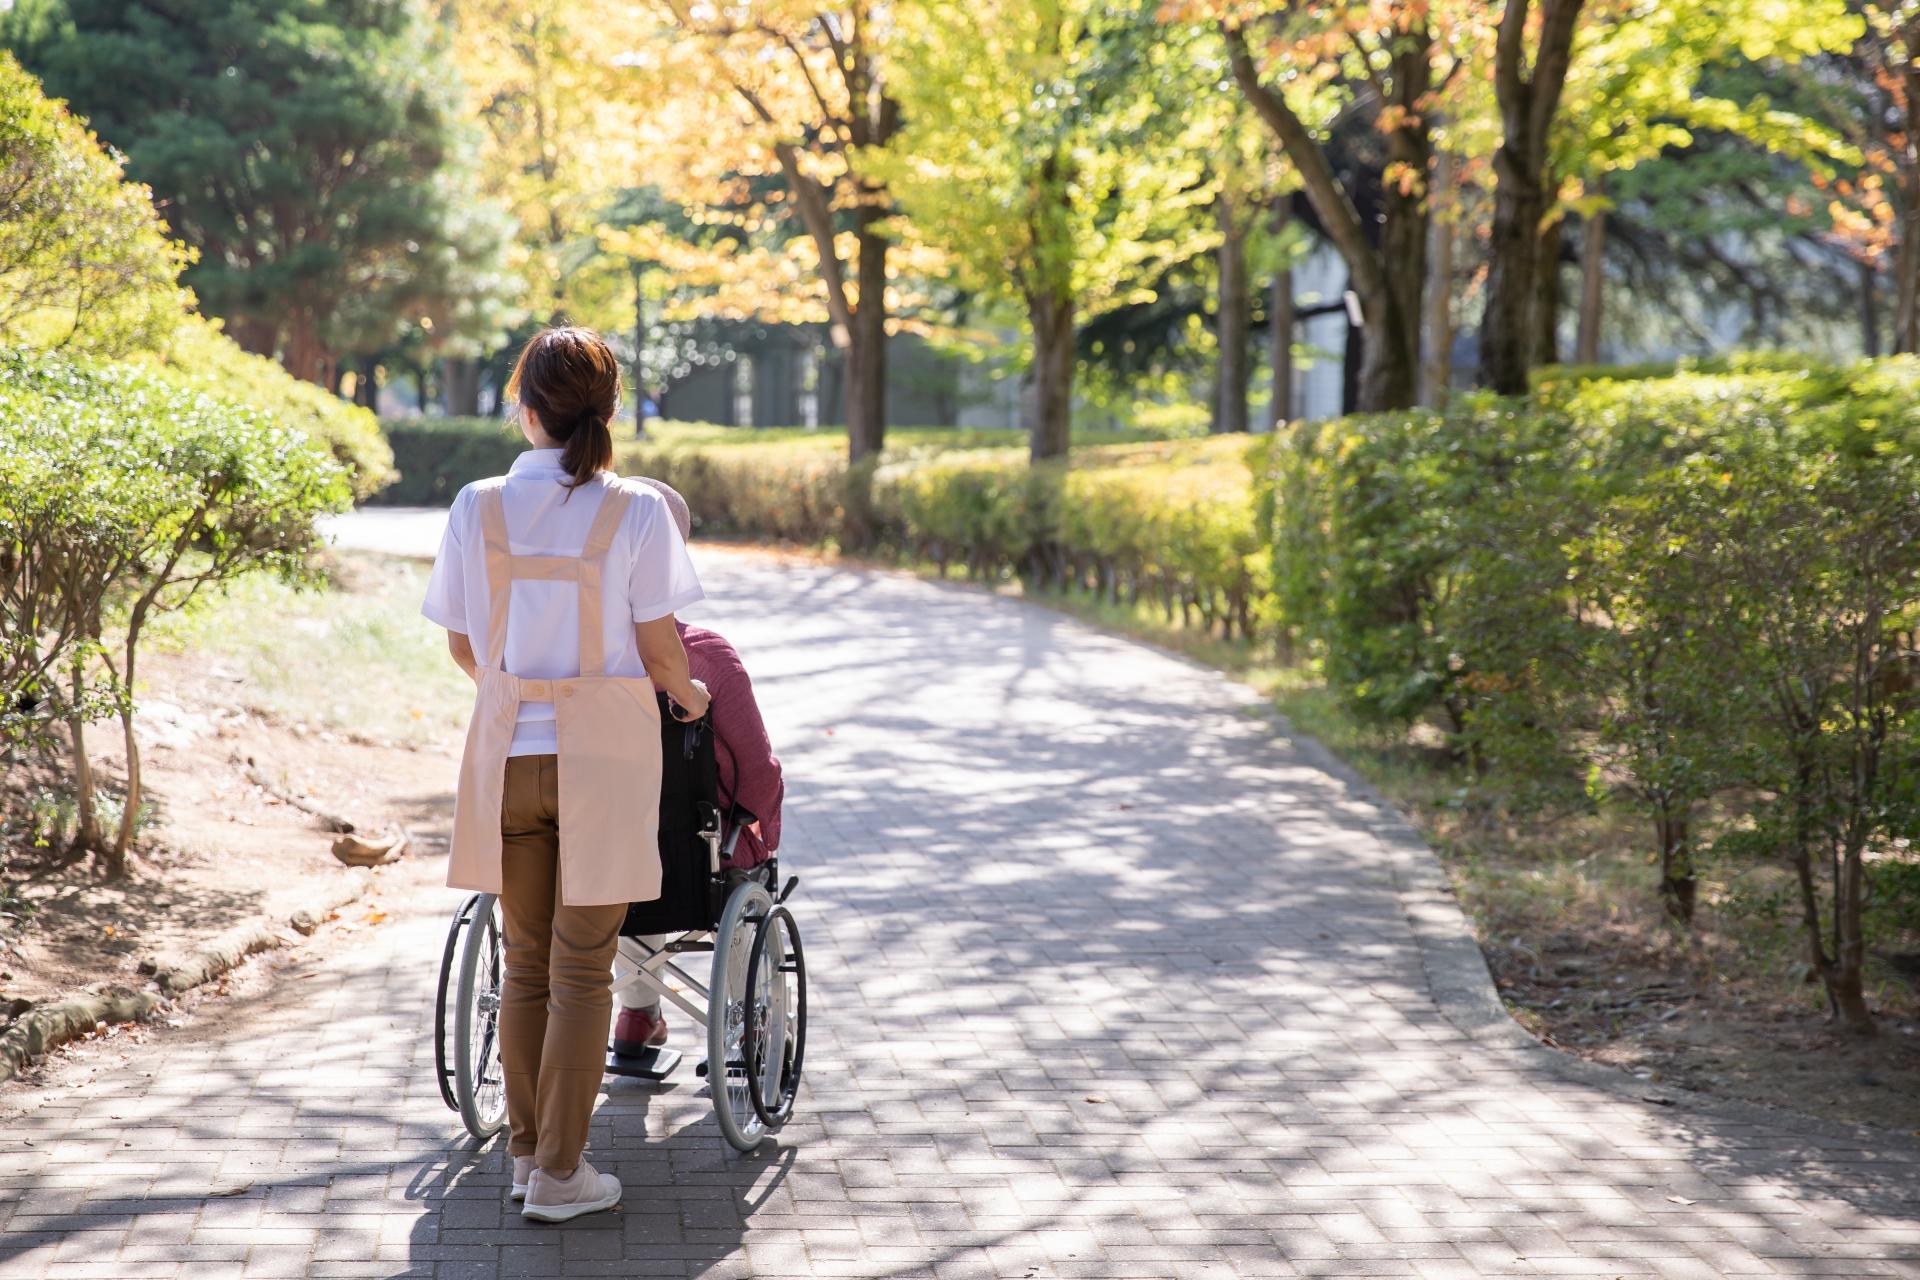 介護に復職したら最大で20~40万円!介護職の再就職準備金とは?